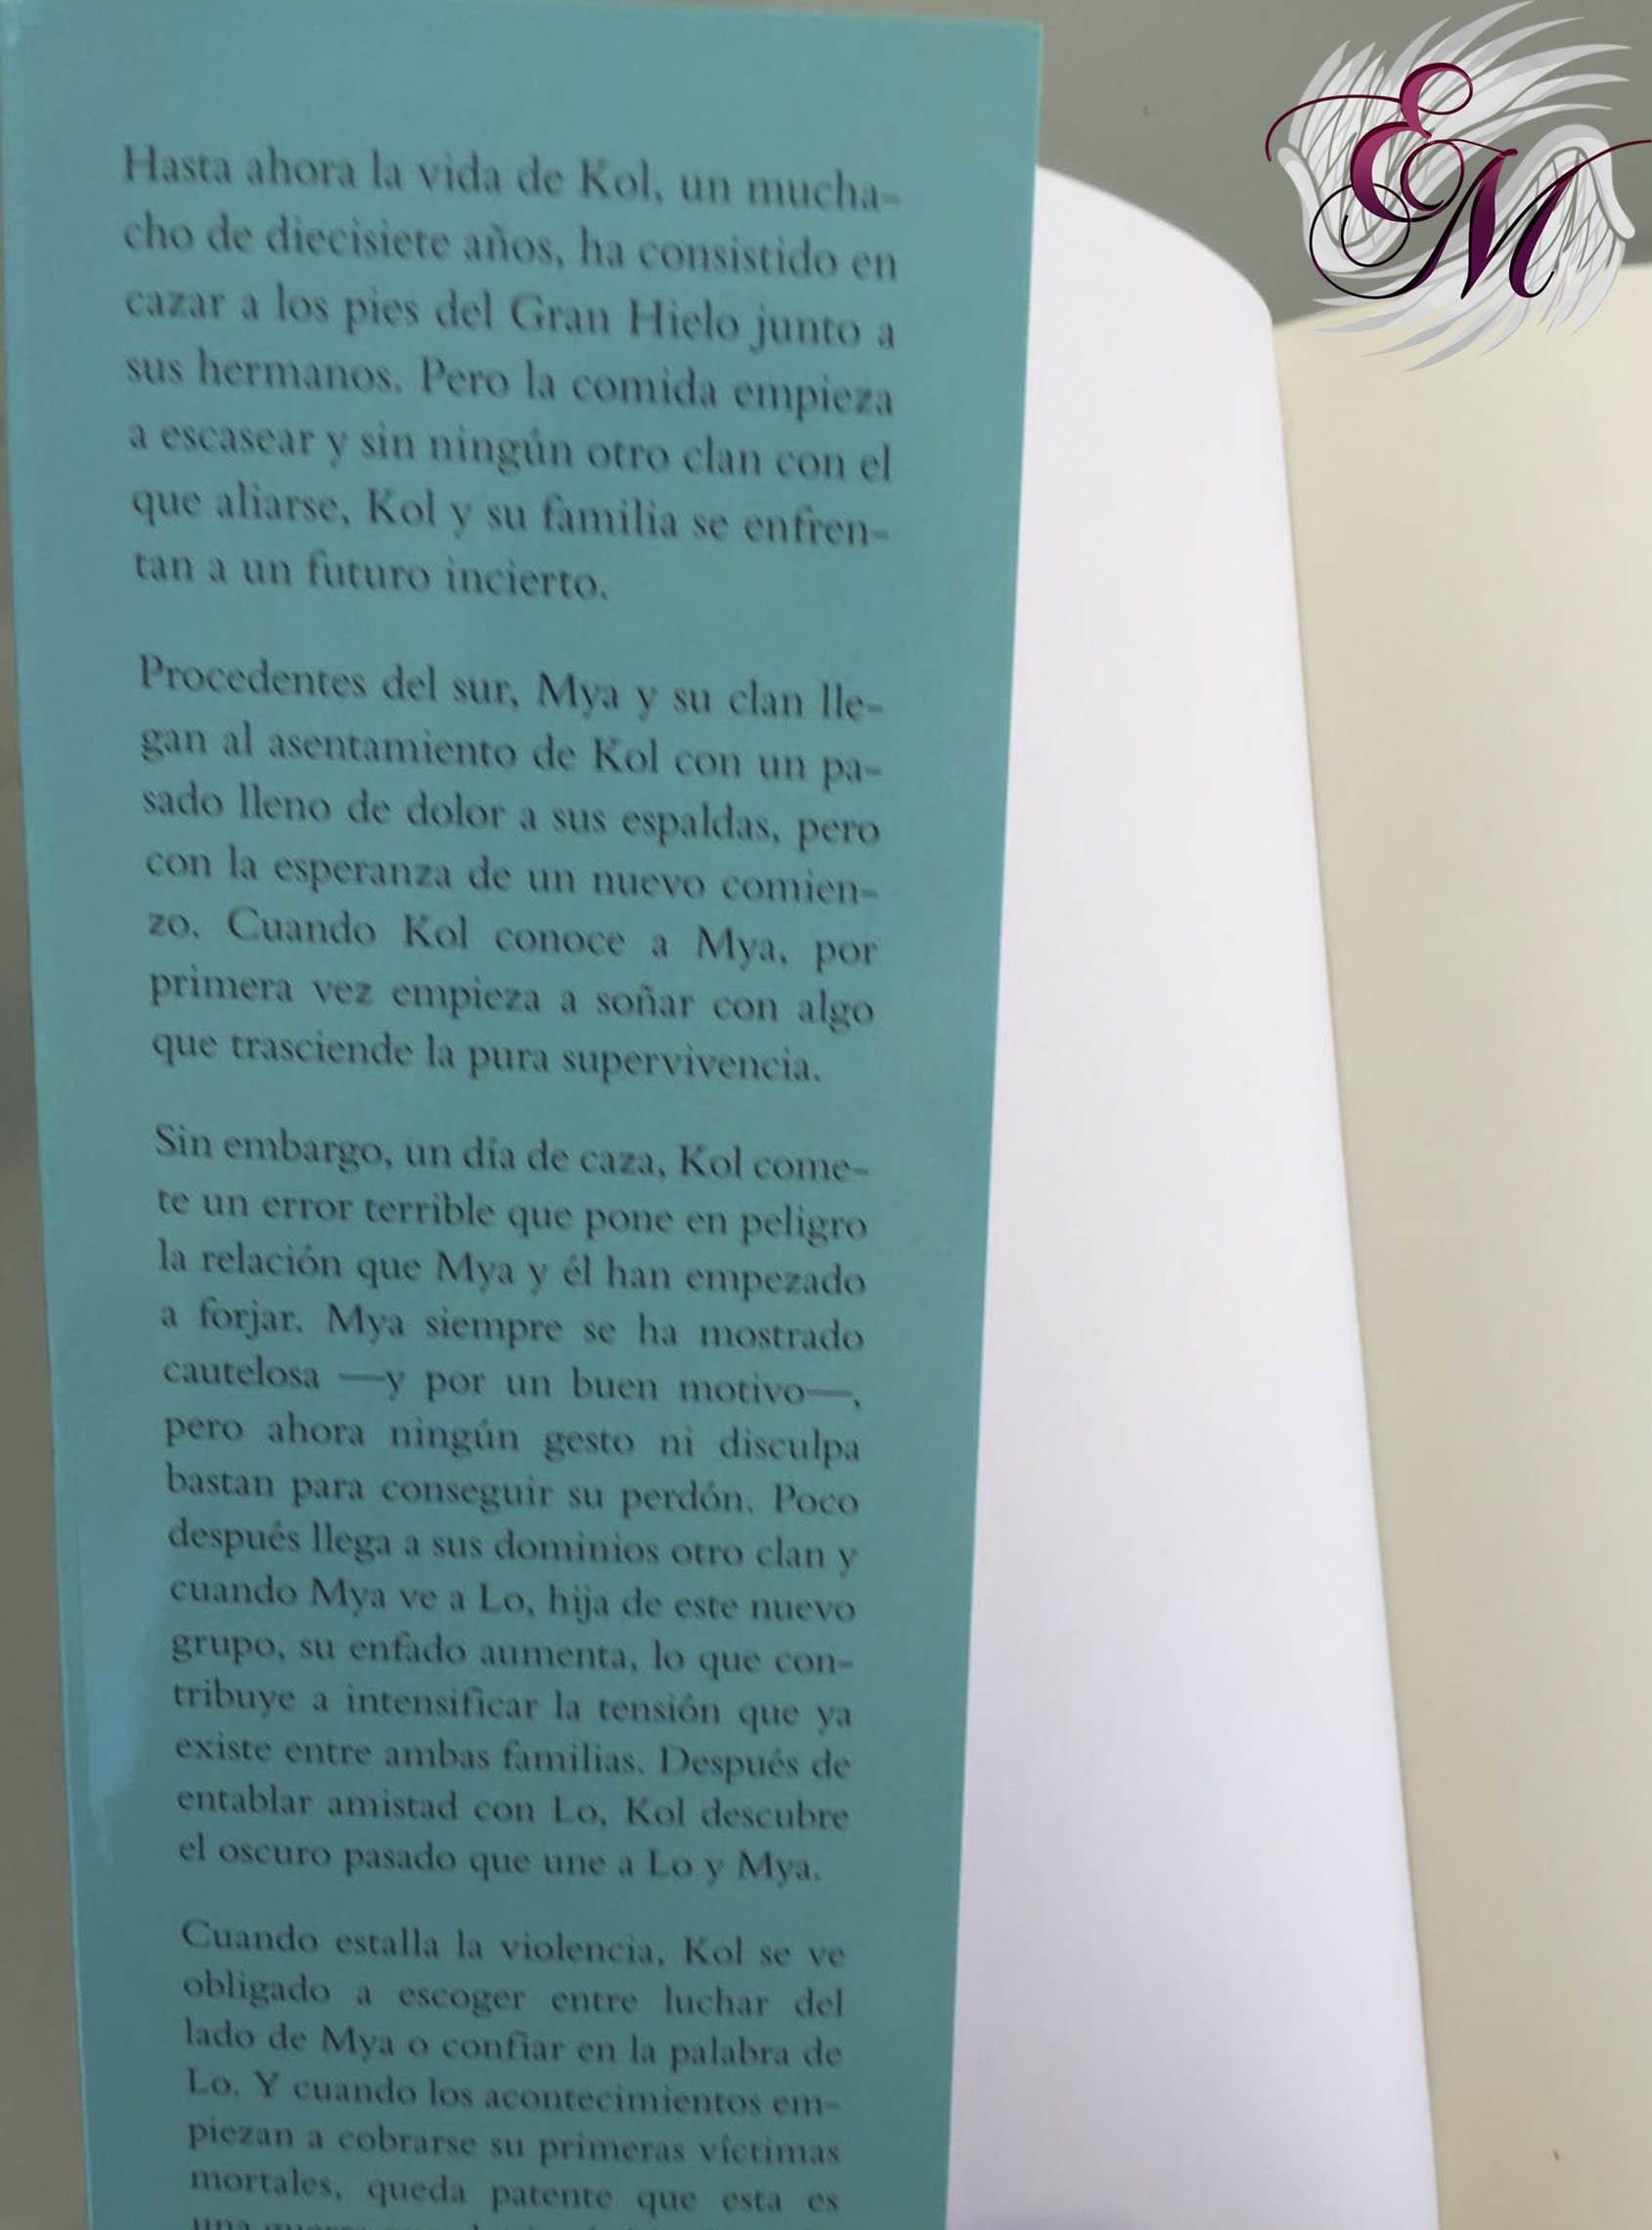 Marfil y hueso, de Julie Eshbaugh - Reseña